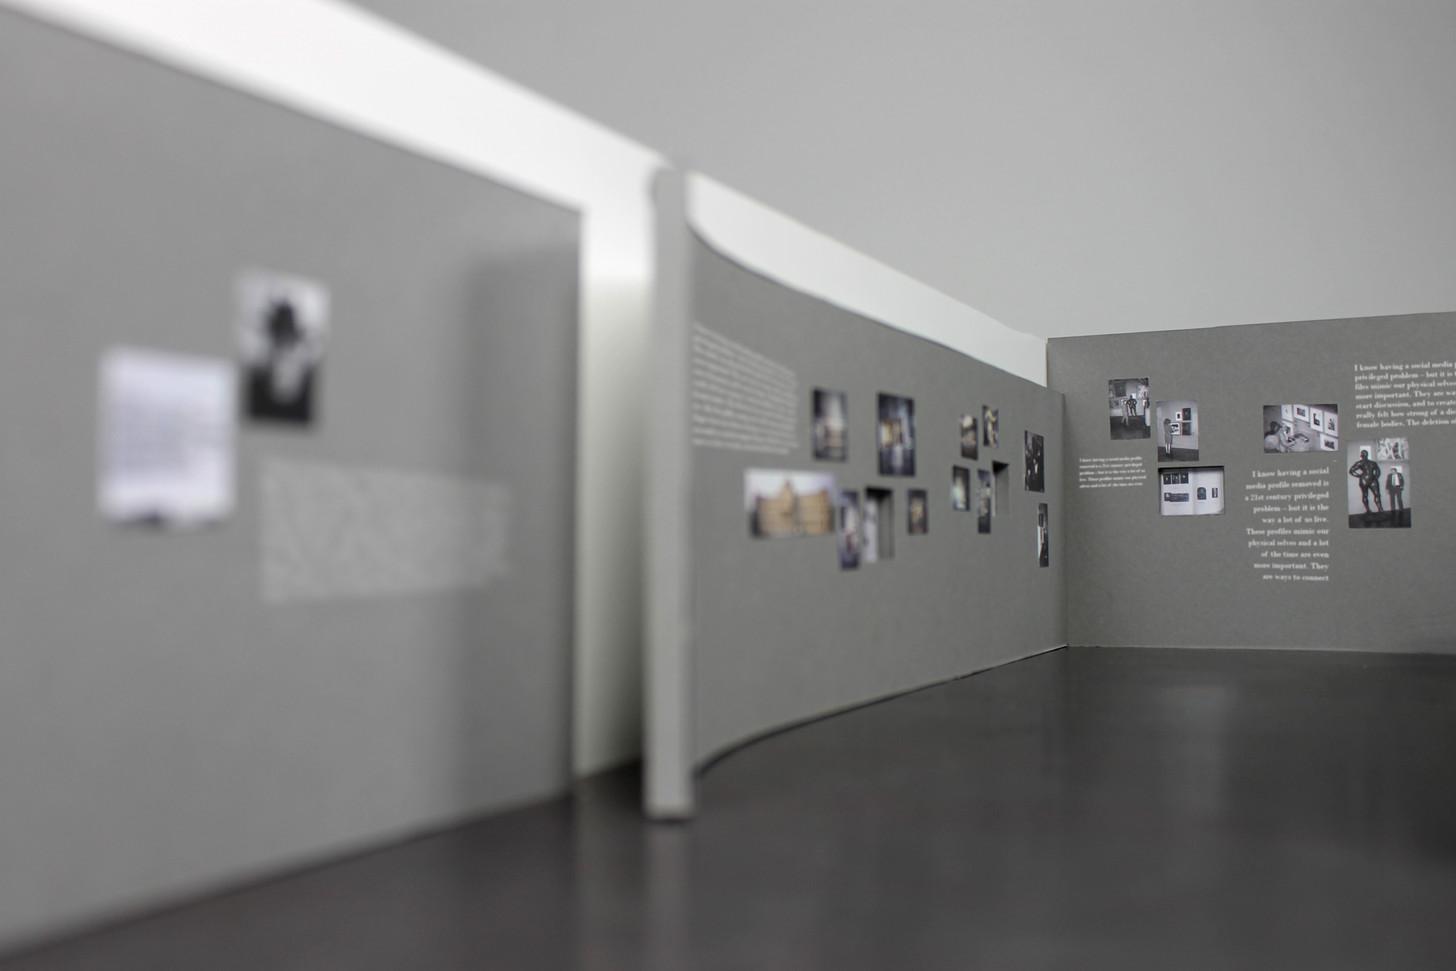 """Modell für den Entwurf der Sonderausstellung """"The Play of the Unmentionable"""" - Ein Projekt an der Muthesius Kunsthochschule"""